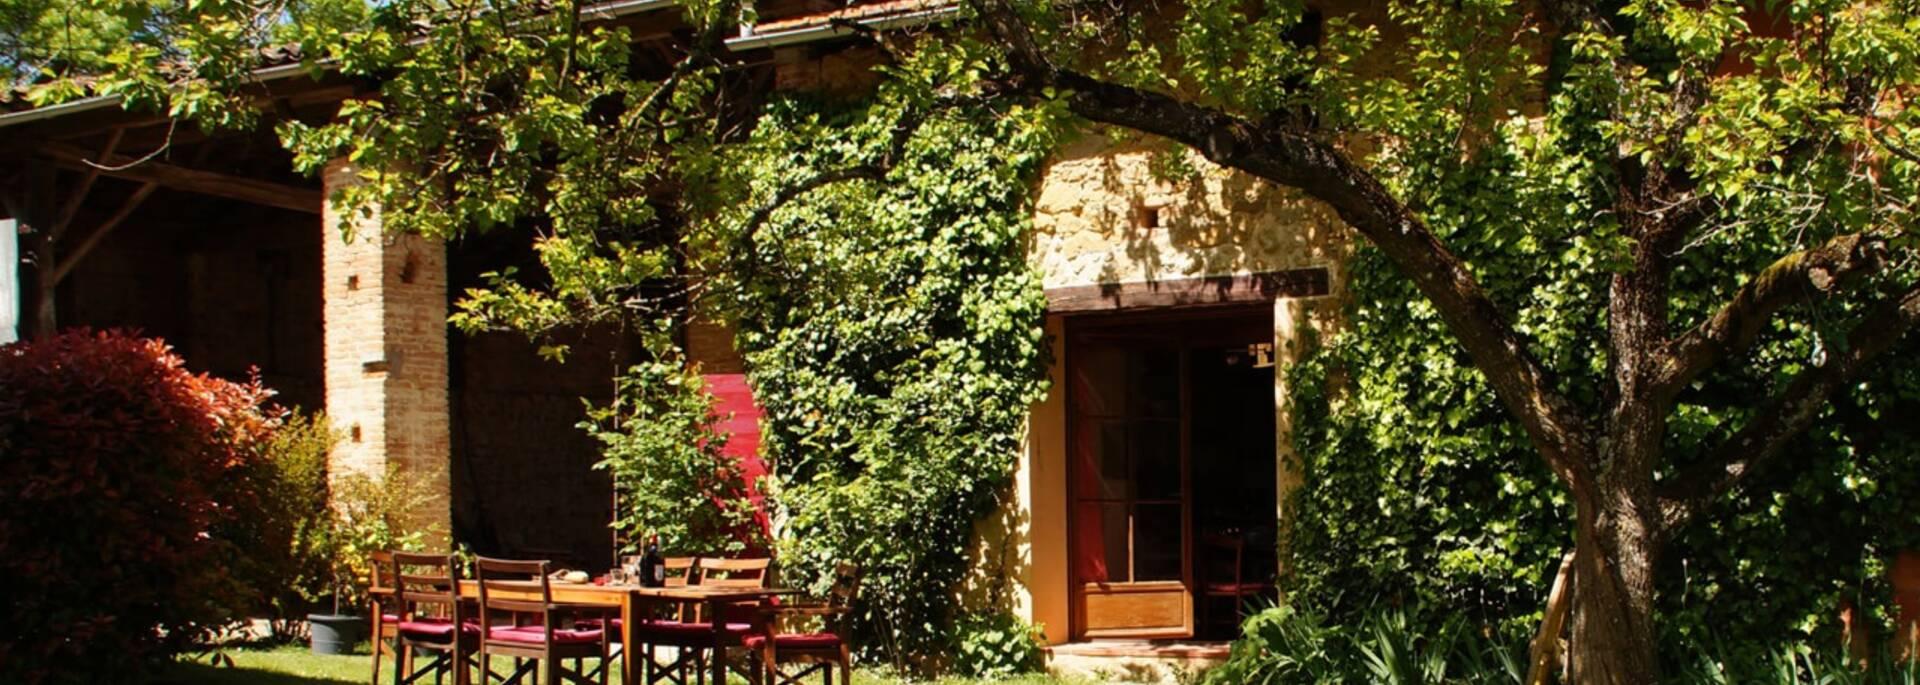 Gite Micalon, Gaujac, Tourisme Lombez/Samatan, Savès